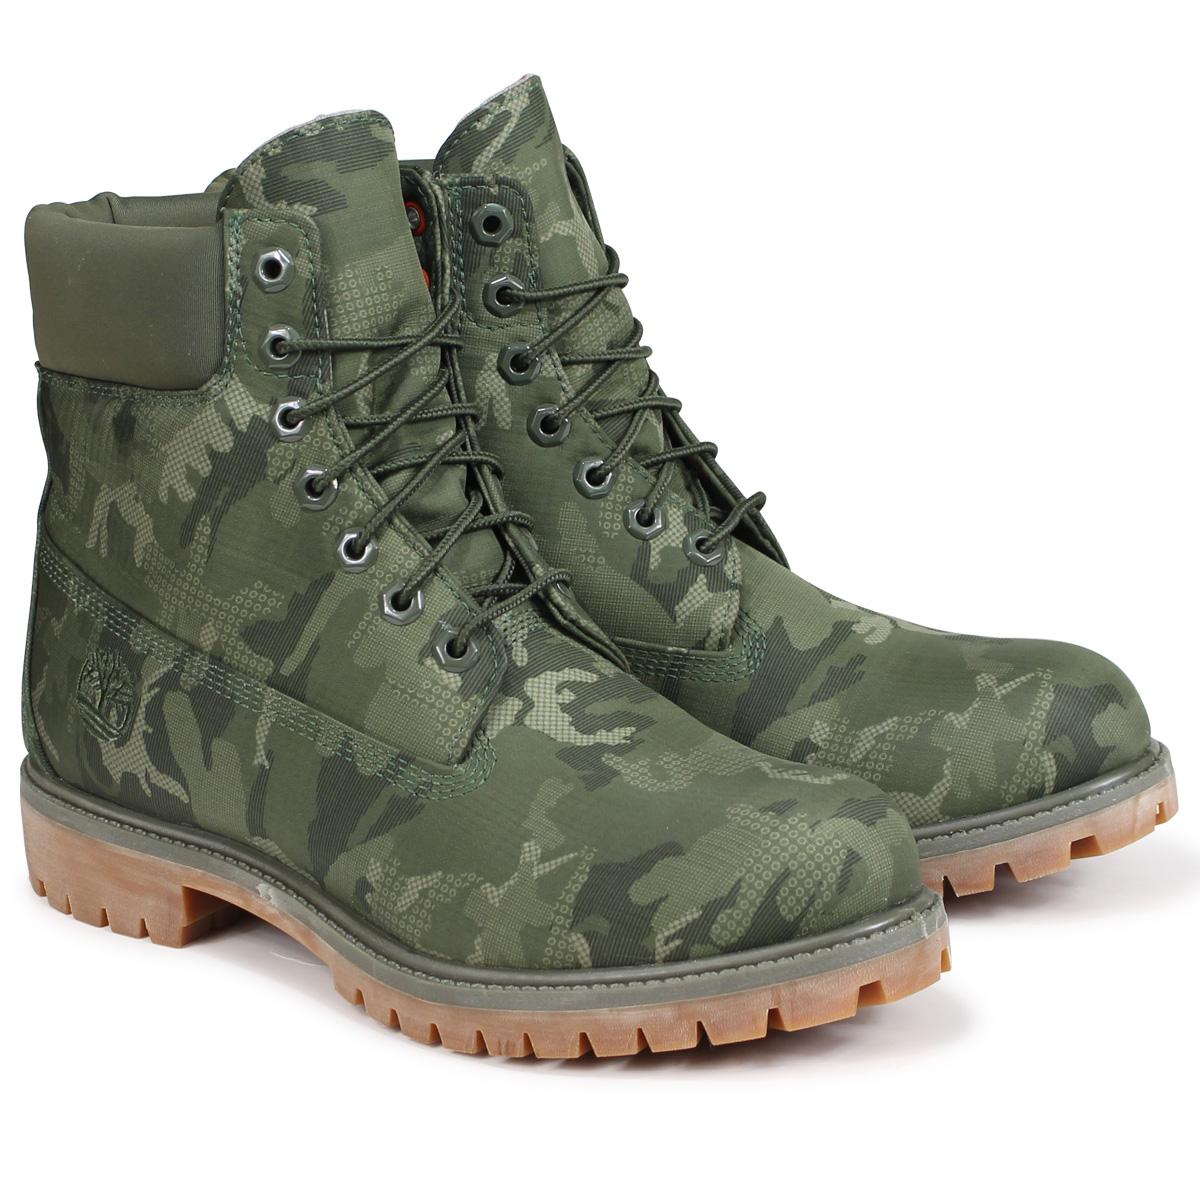 Timberland 6-INCH PREMIUM FABRIC BOOTS ティンバーランド ブーツ メンズ 6インチ A1U9I Wワイズ ダークグリーン